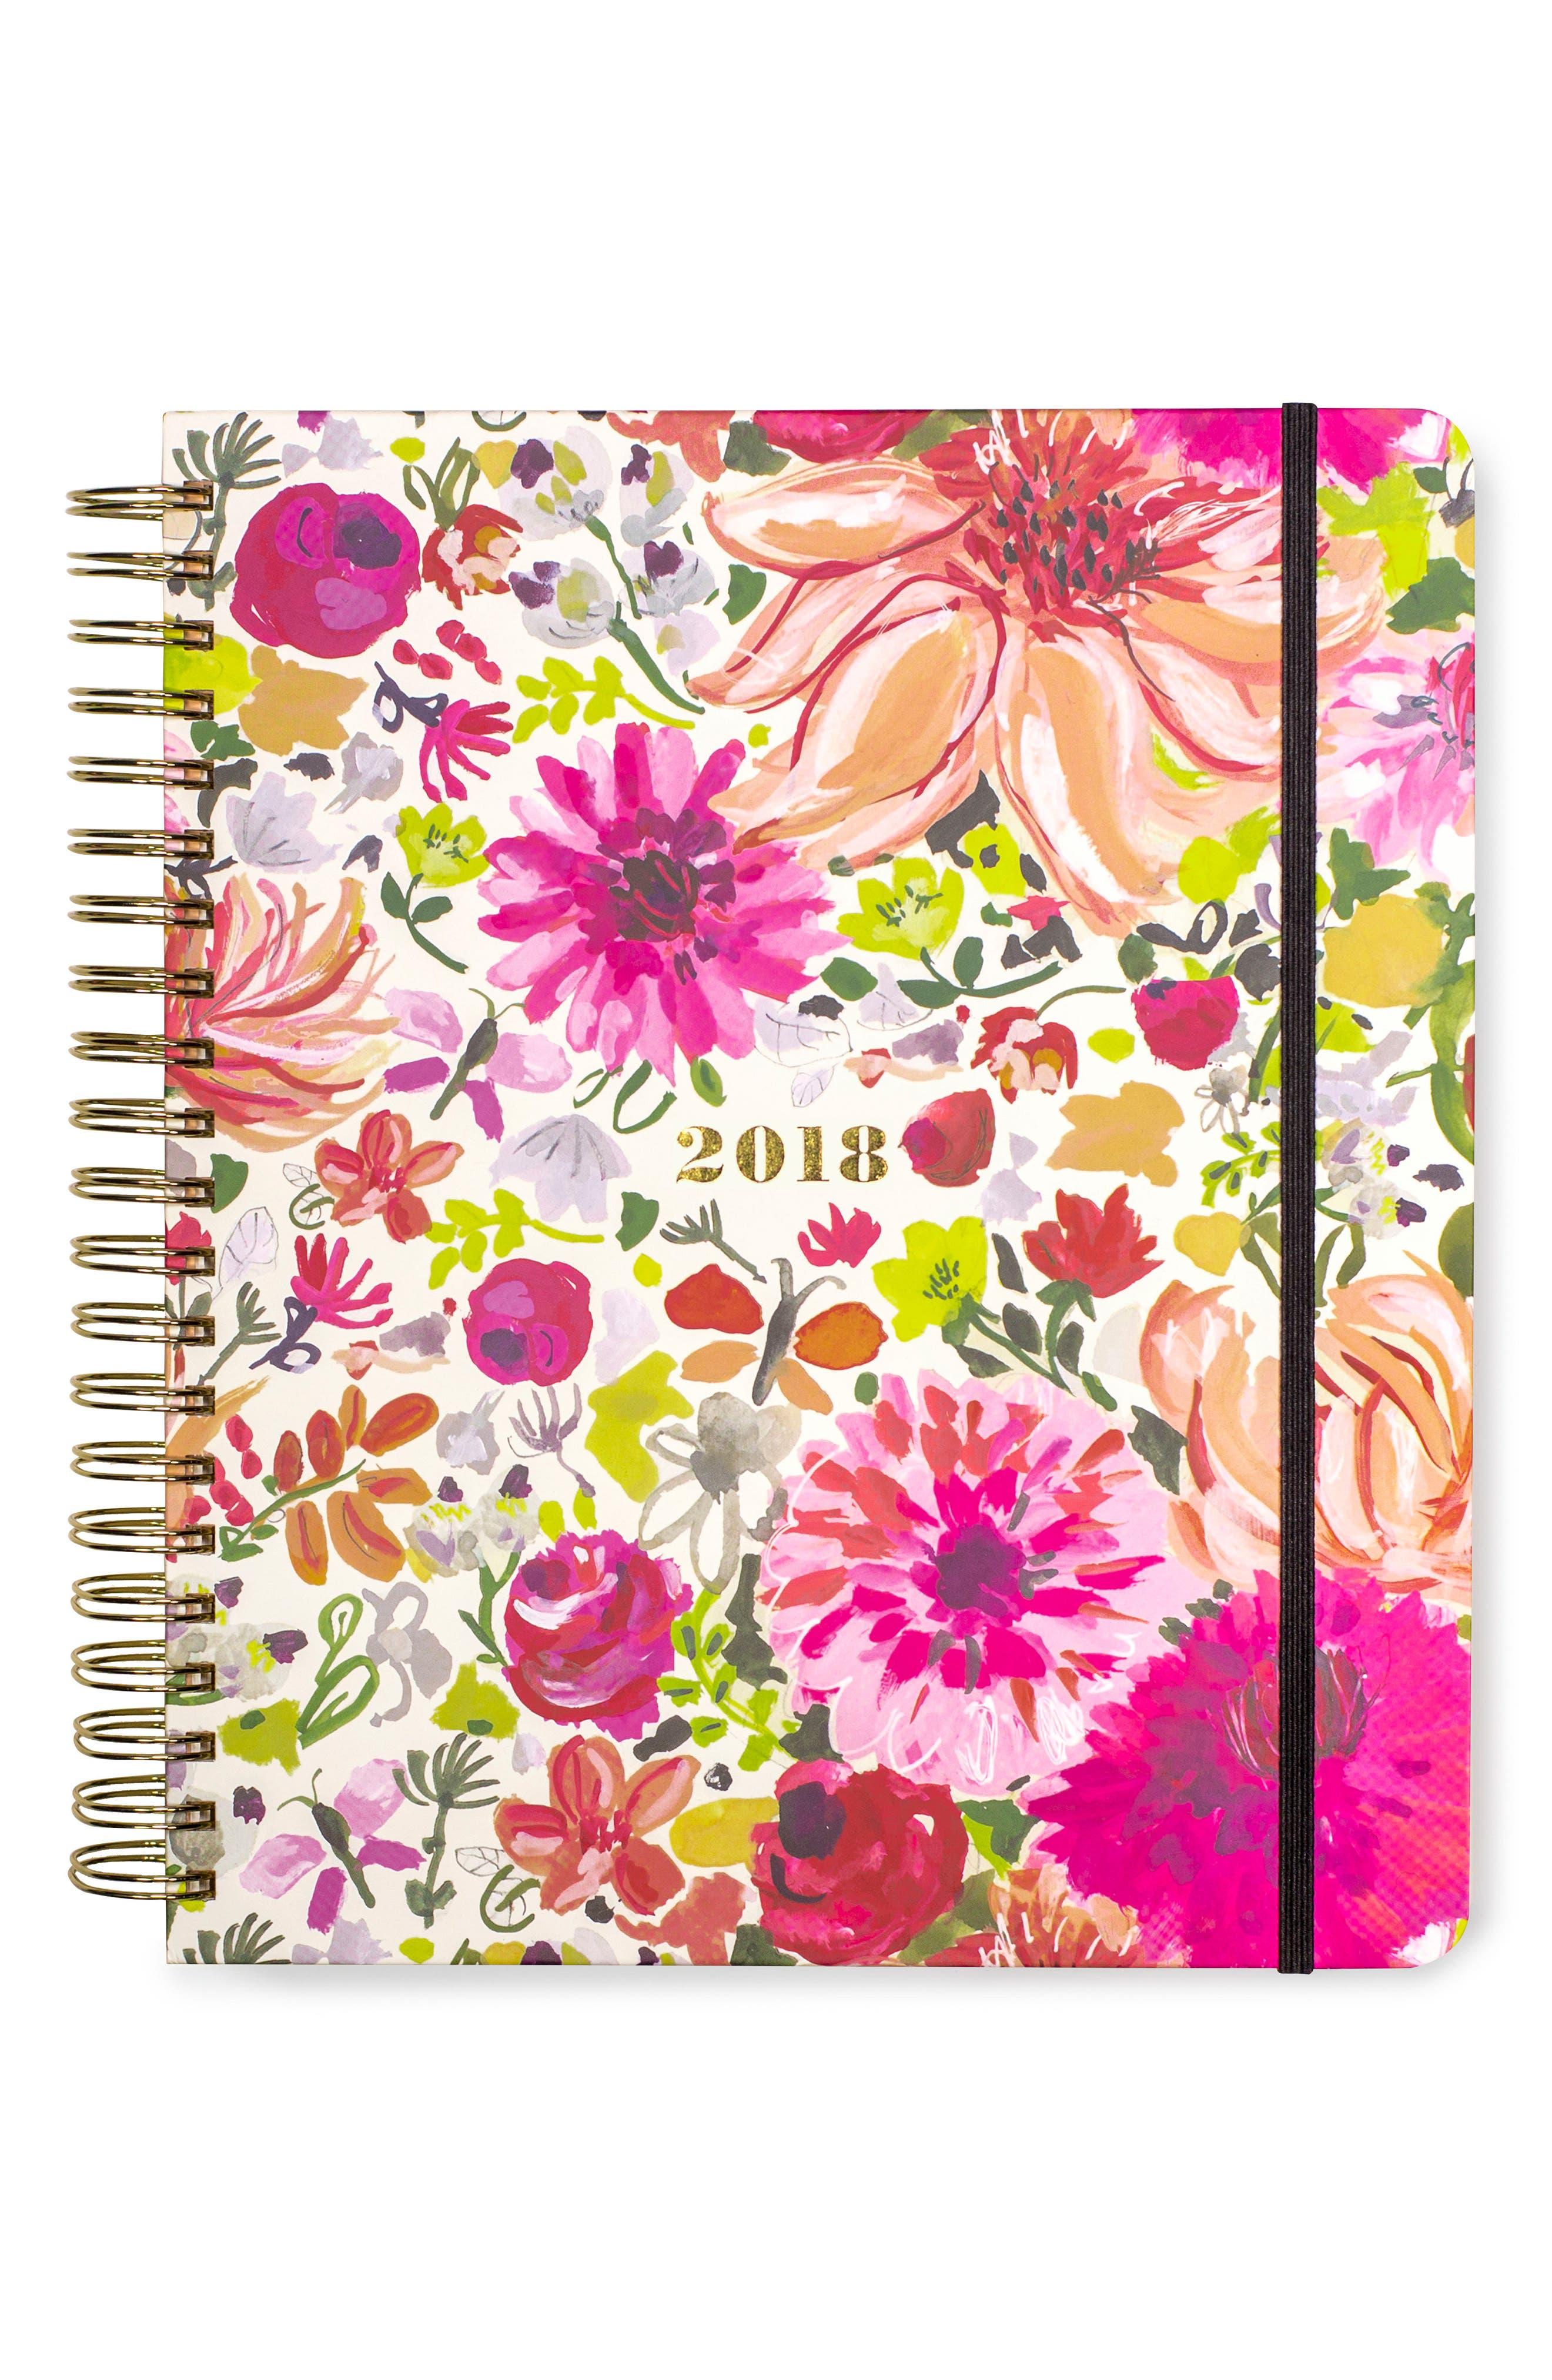 Color art floral wonders - Color Art Floral Wonders 57